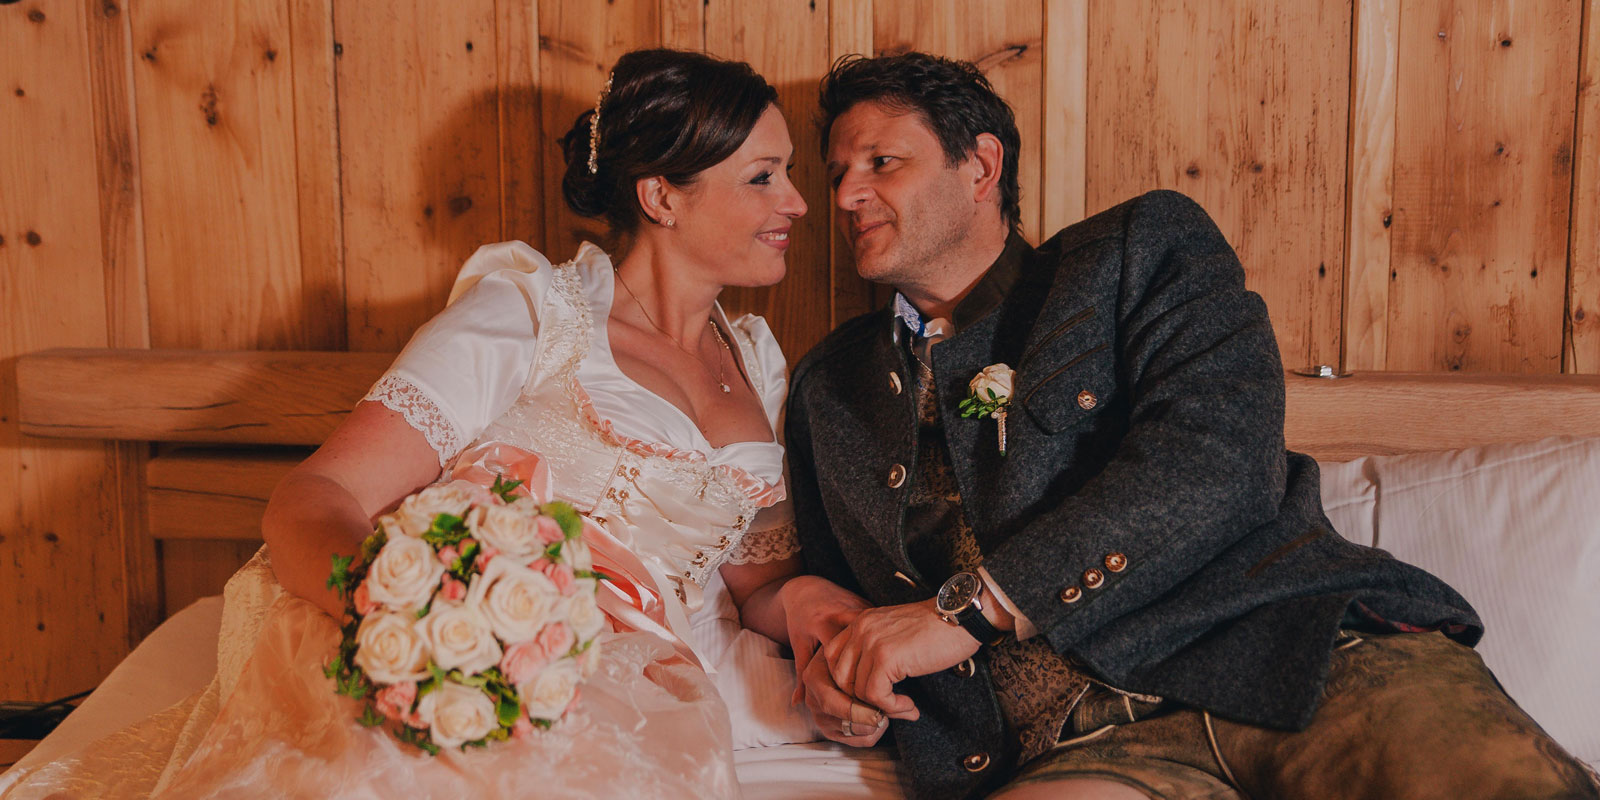 NadineLorenzFotografie_Hochzeit_Schoenblick_HoherBogen_Tracht_06.jpg